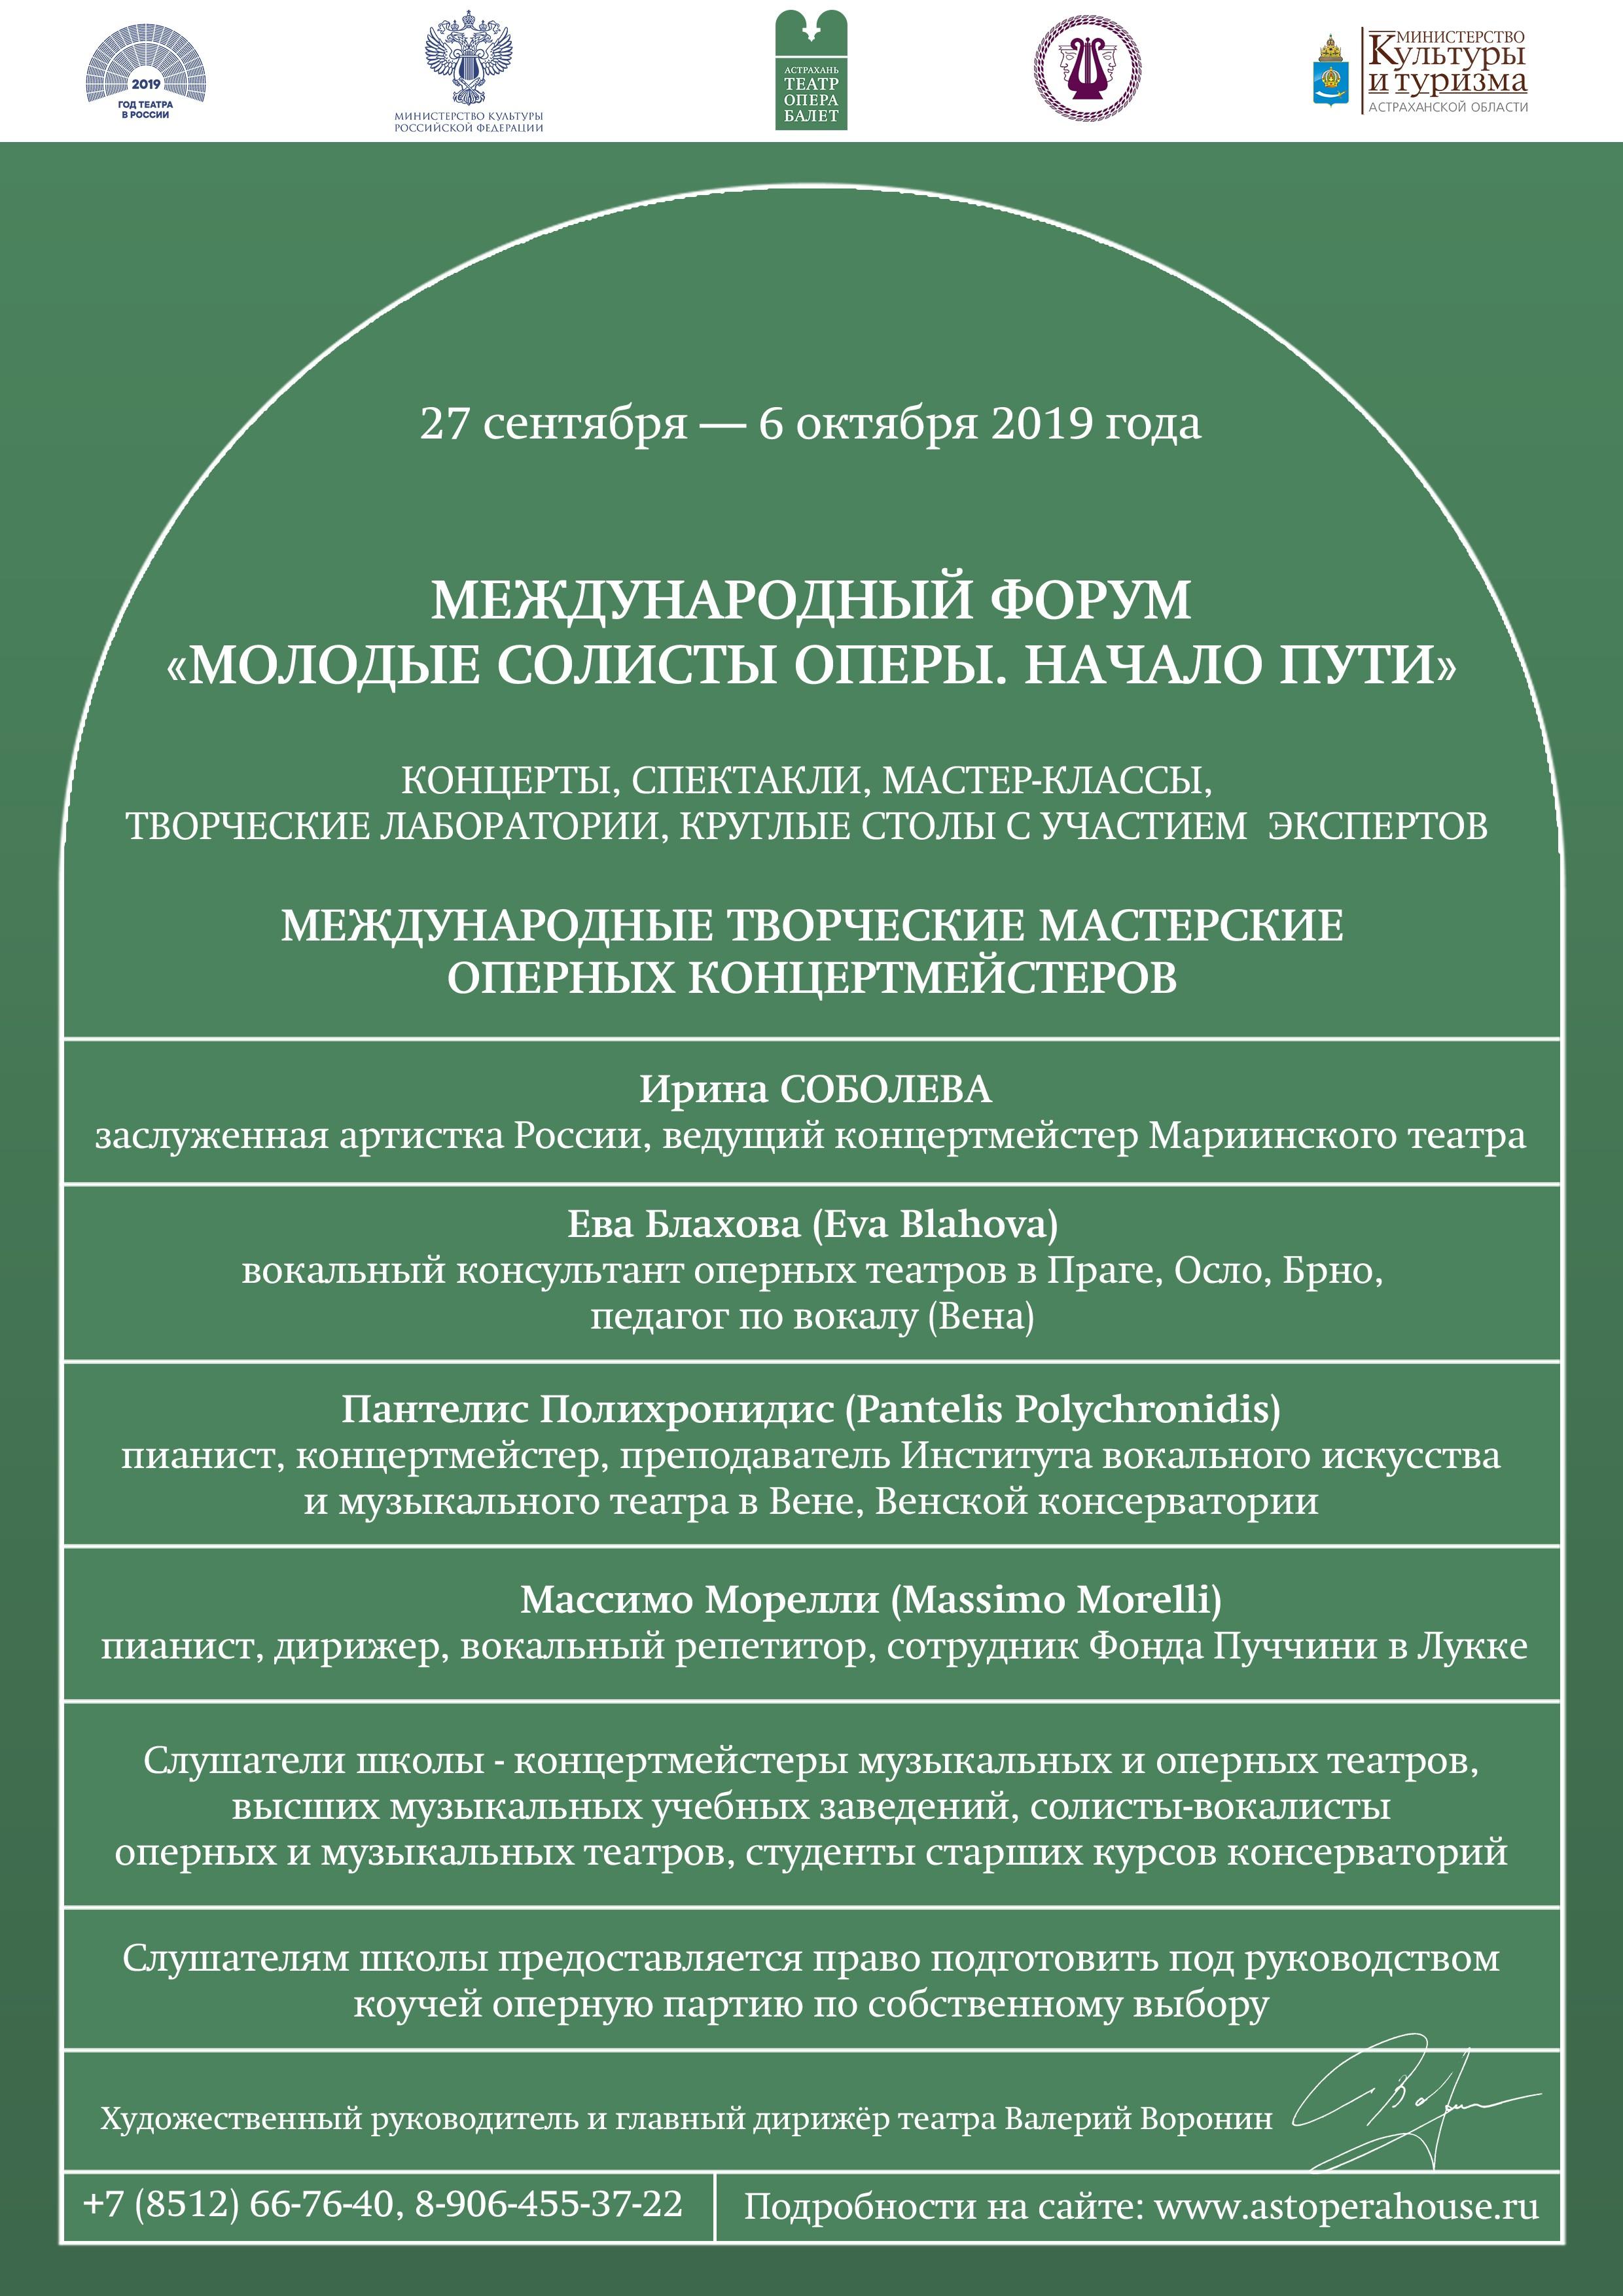 Международный форум «Молодые солисты оперы. Начало пути»